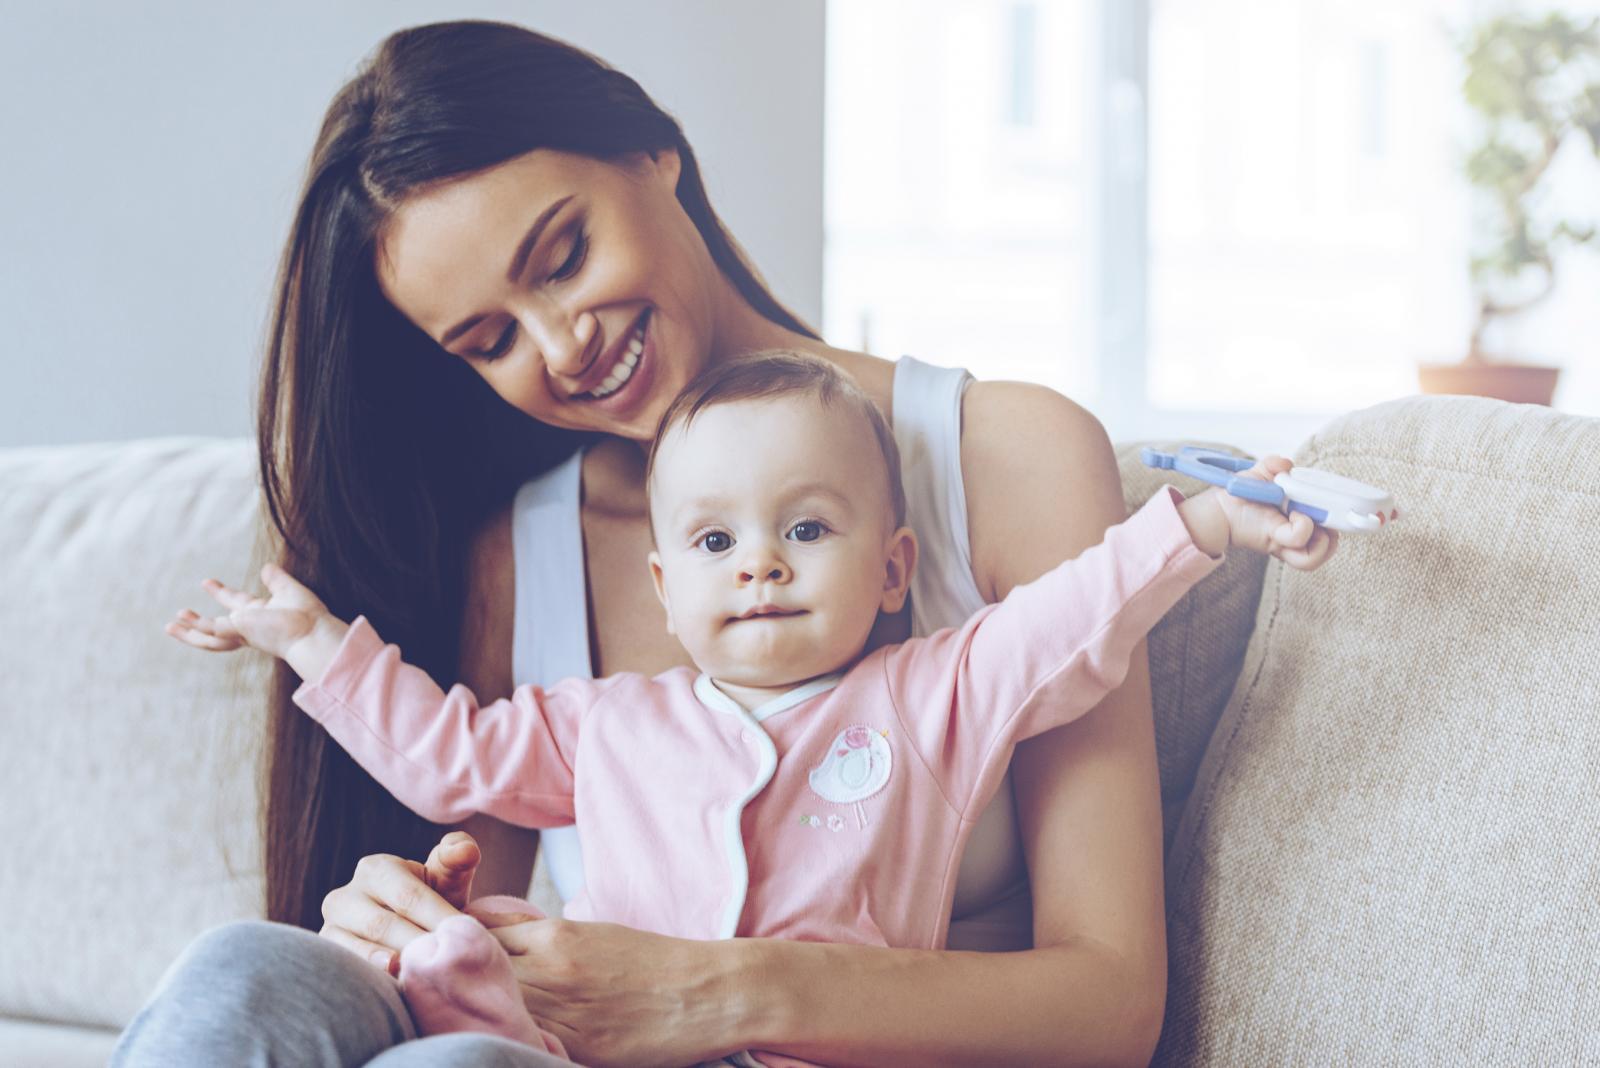 Oko godinu dana treba da se kosa oporavi od porođaja i utjecaja hormona. No, i ranije joj možete pomoći vratiti bujnost.